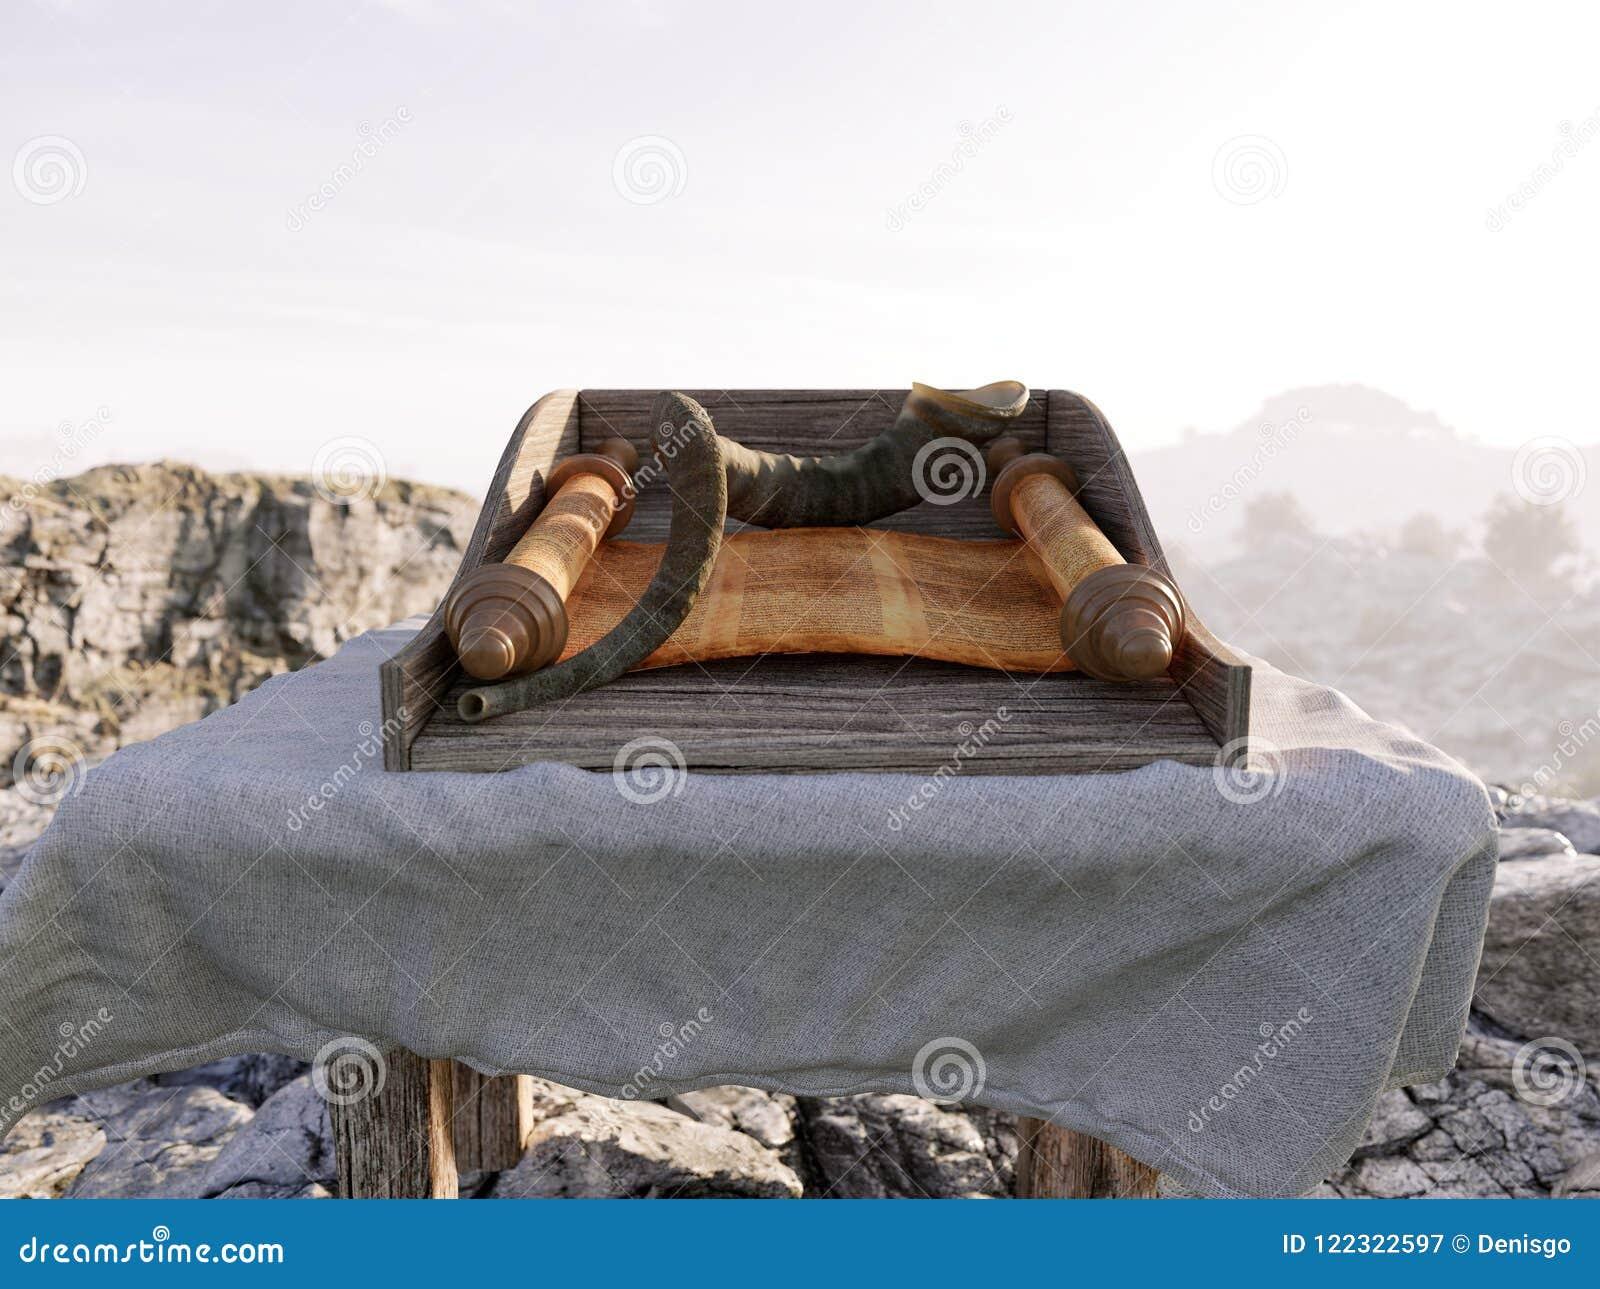 Εβραϊκό υπόβαθρο διακοπών με τον παλαιό κύλινδρο της φωτογραφίας έννοιας tora και τοπίων